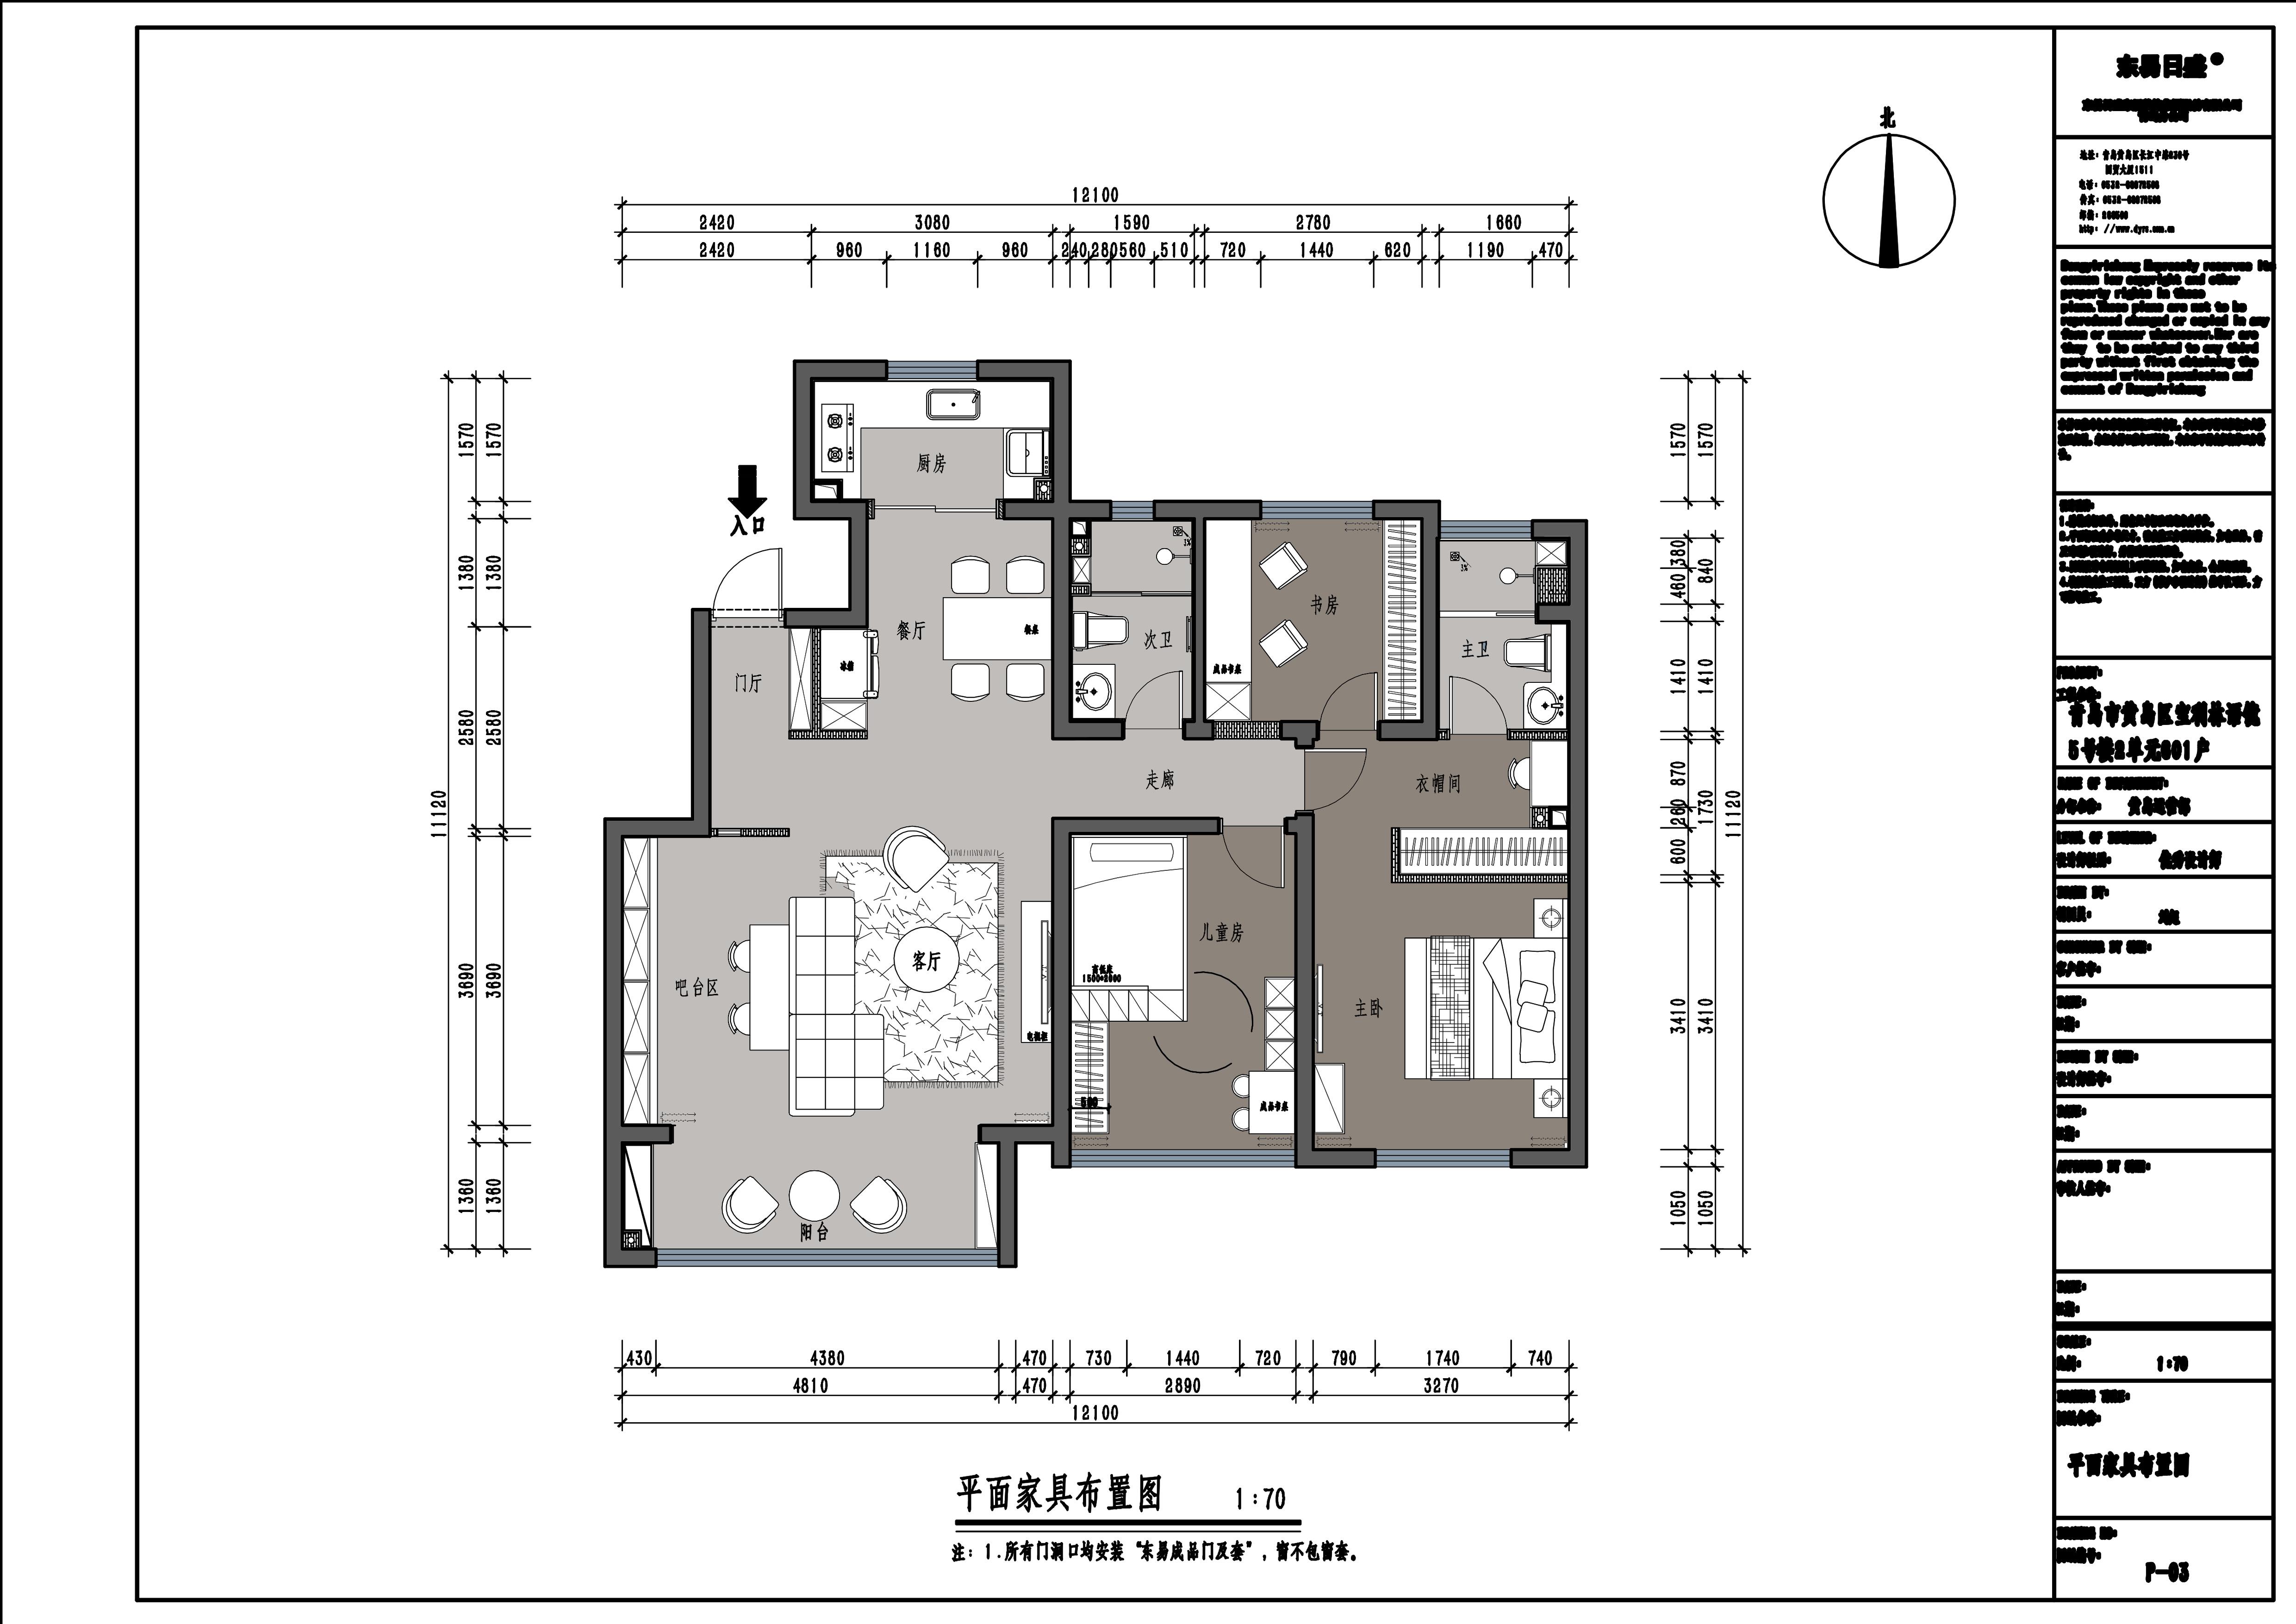 保利林语境 118㎡ 现代北欧风格装修设计理念